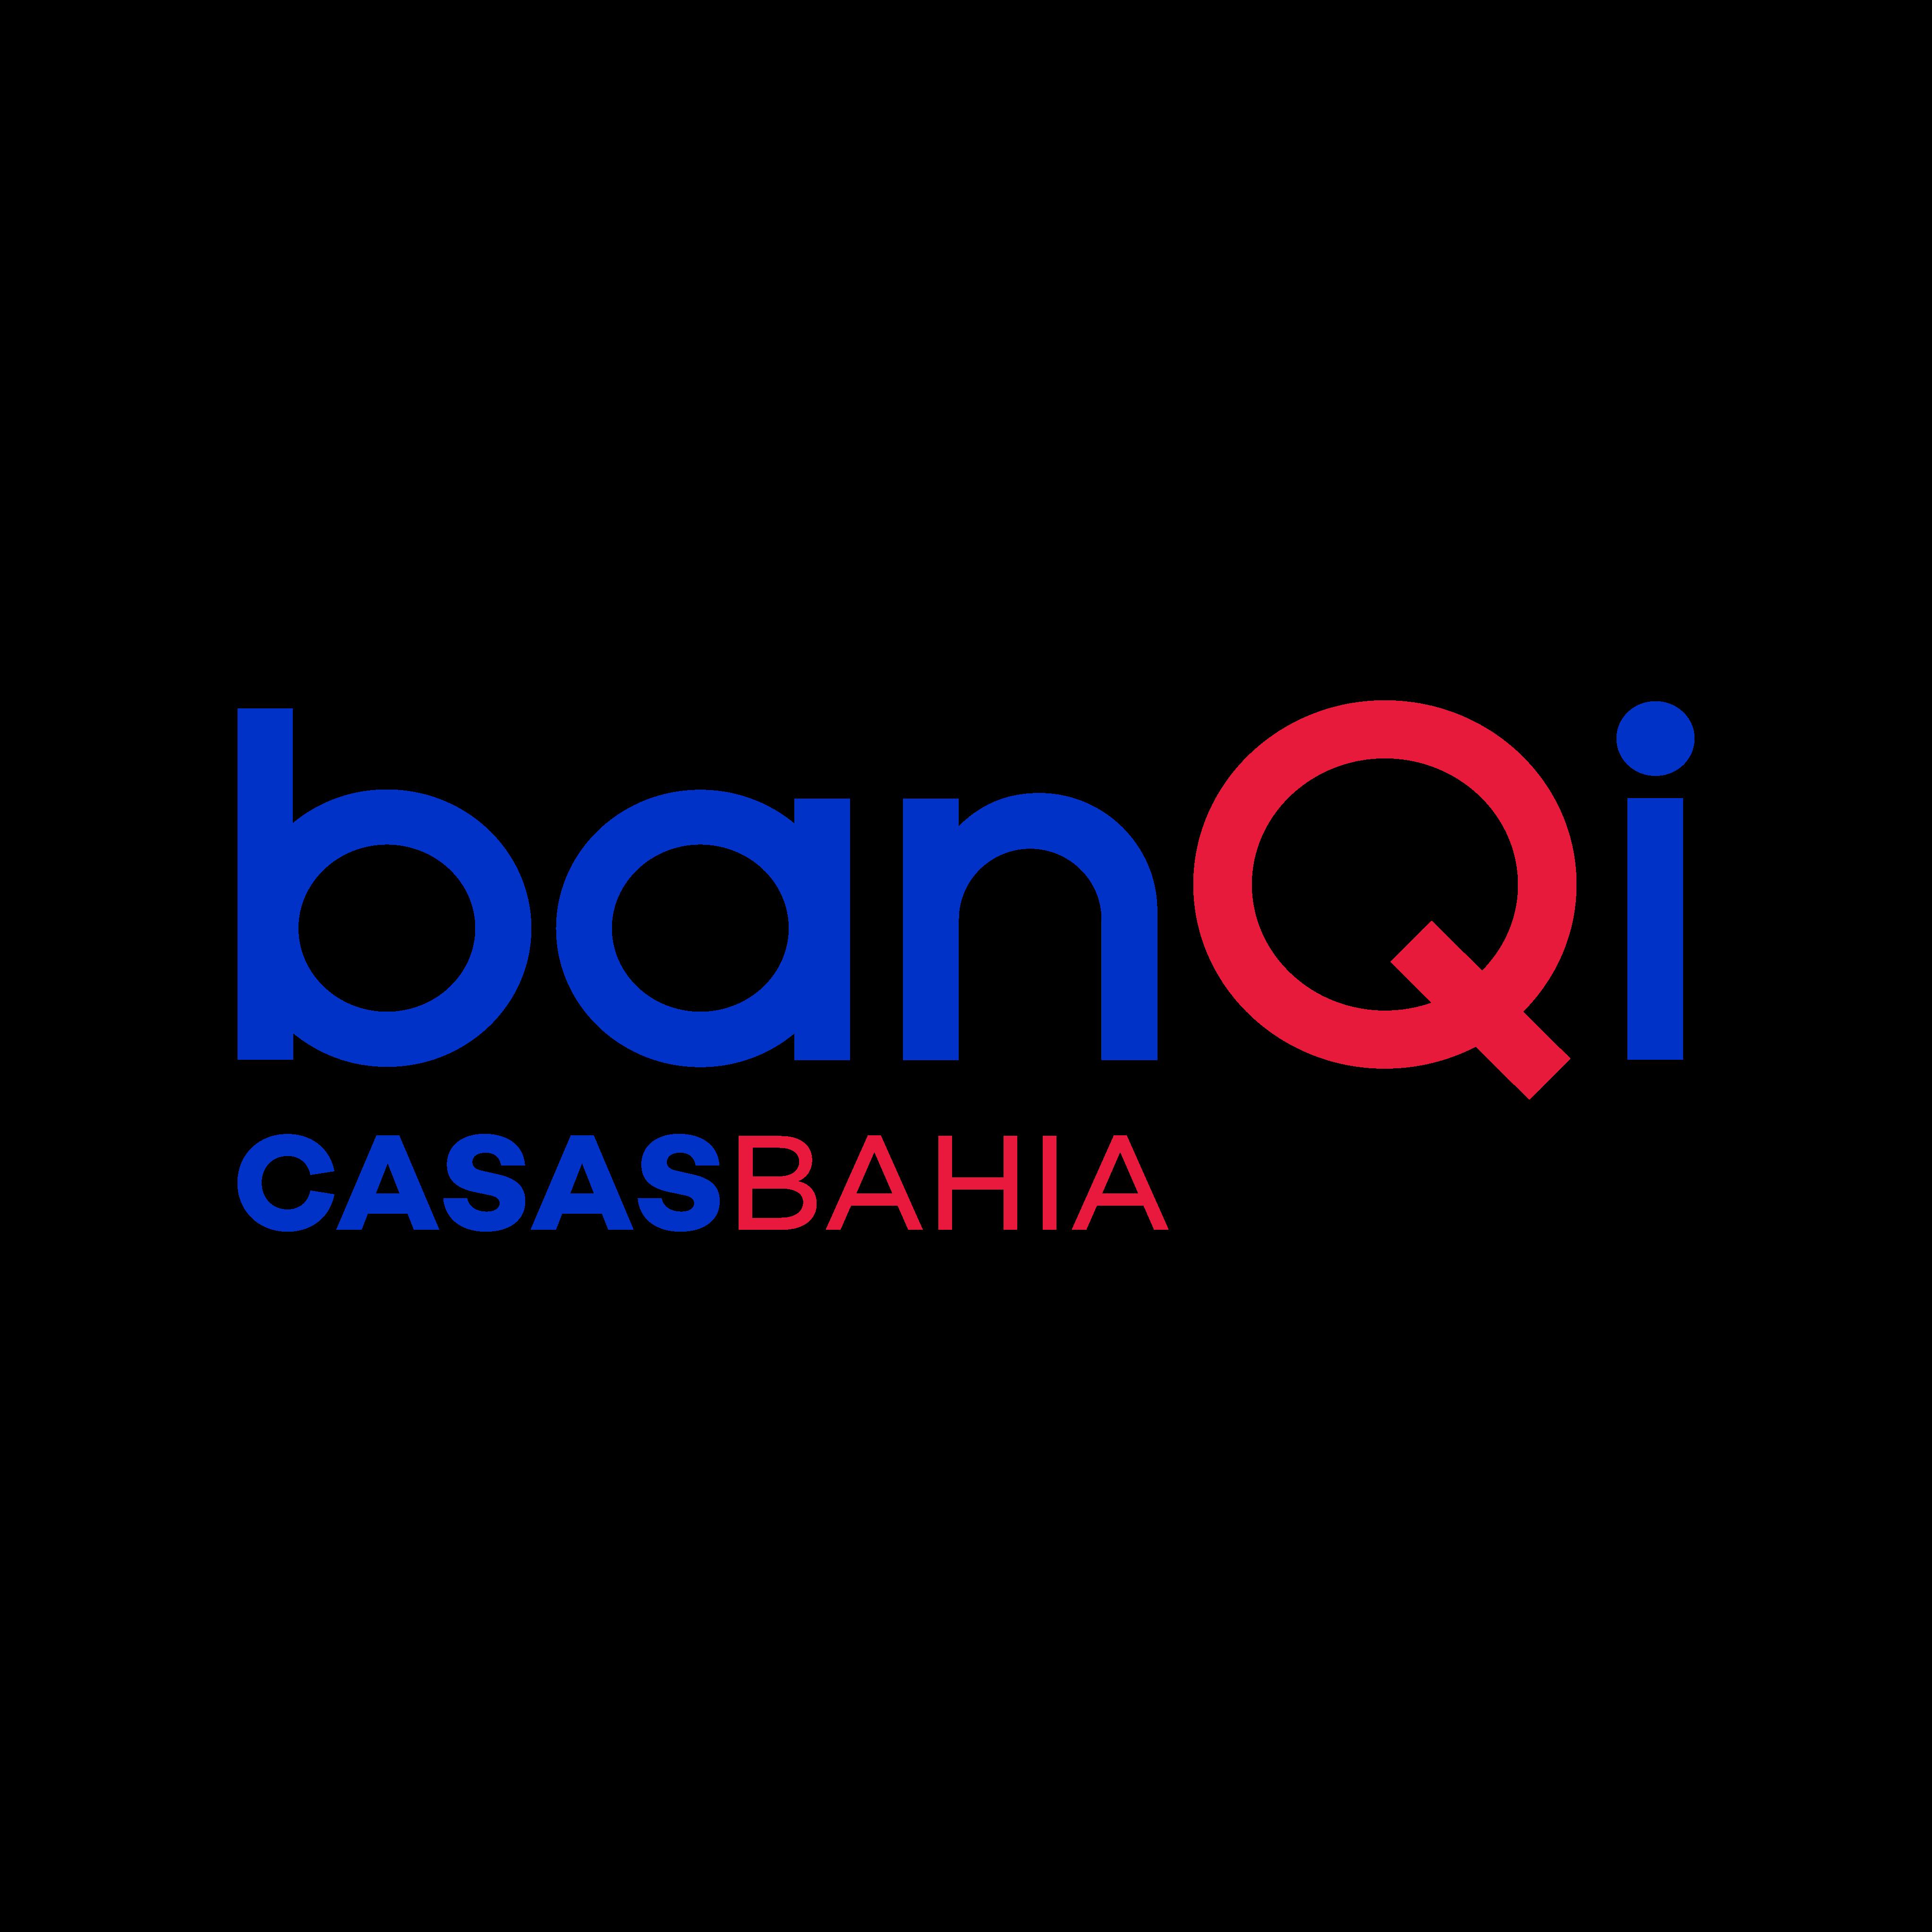 banqi logo 0. - banQi Logo